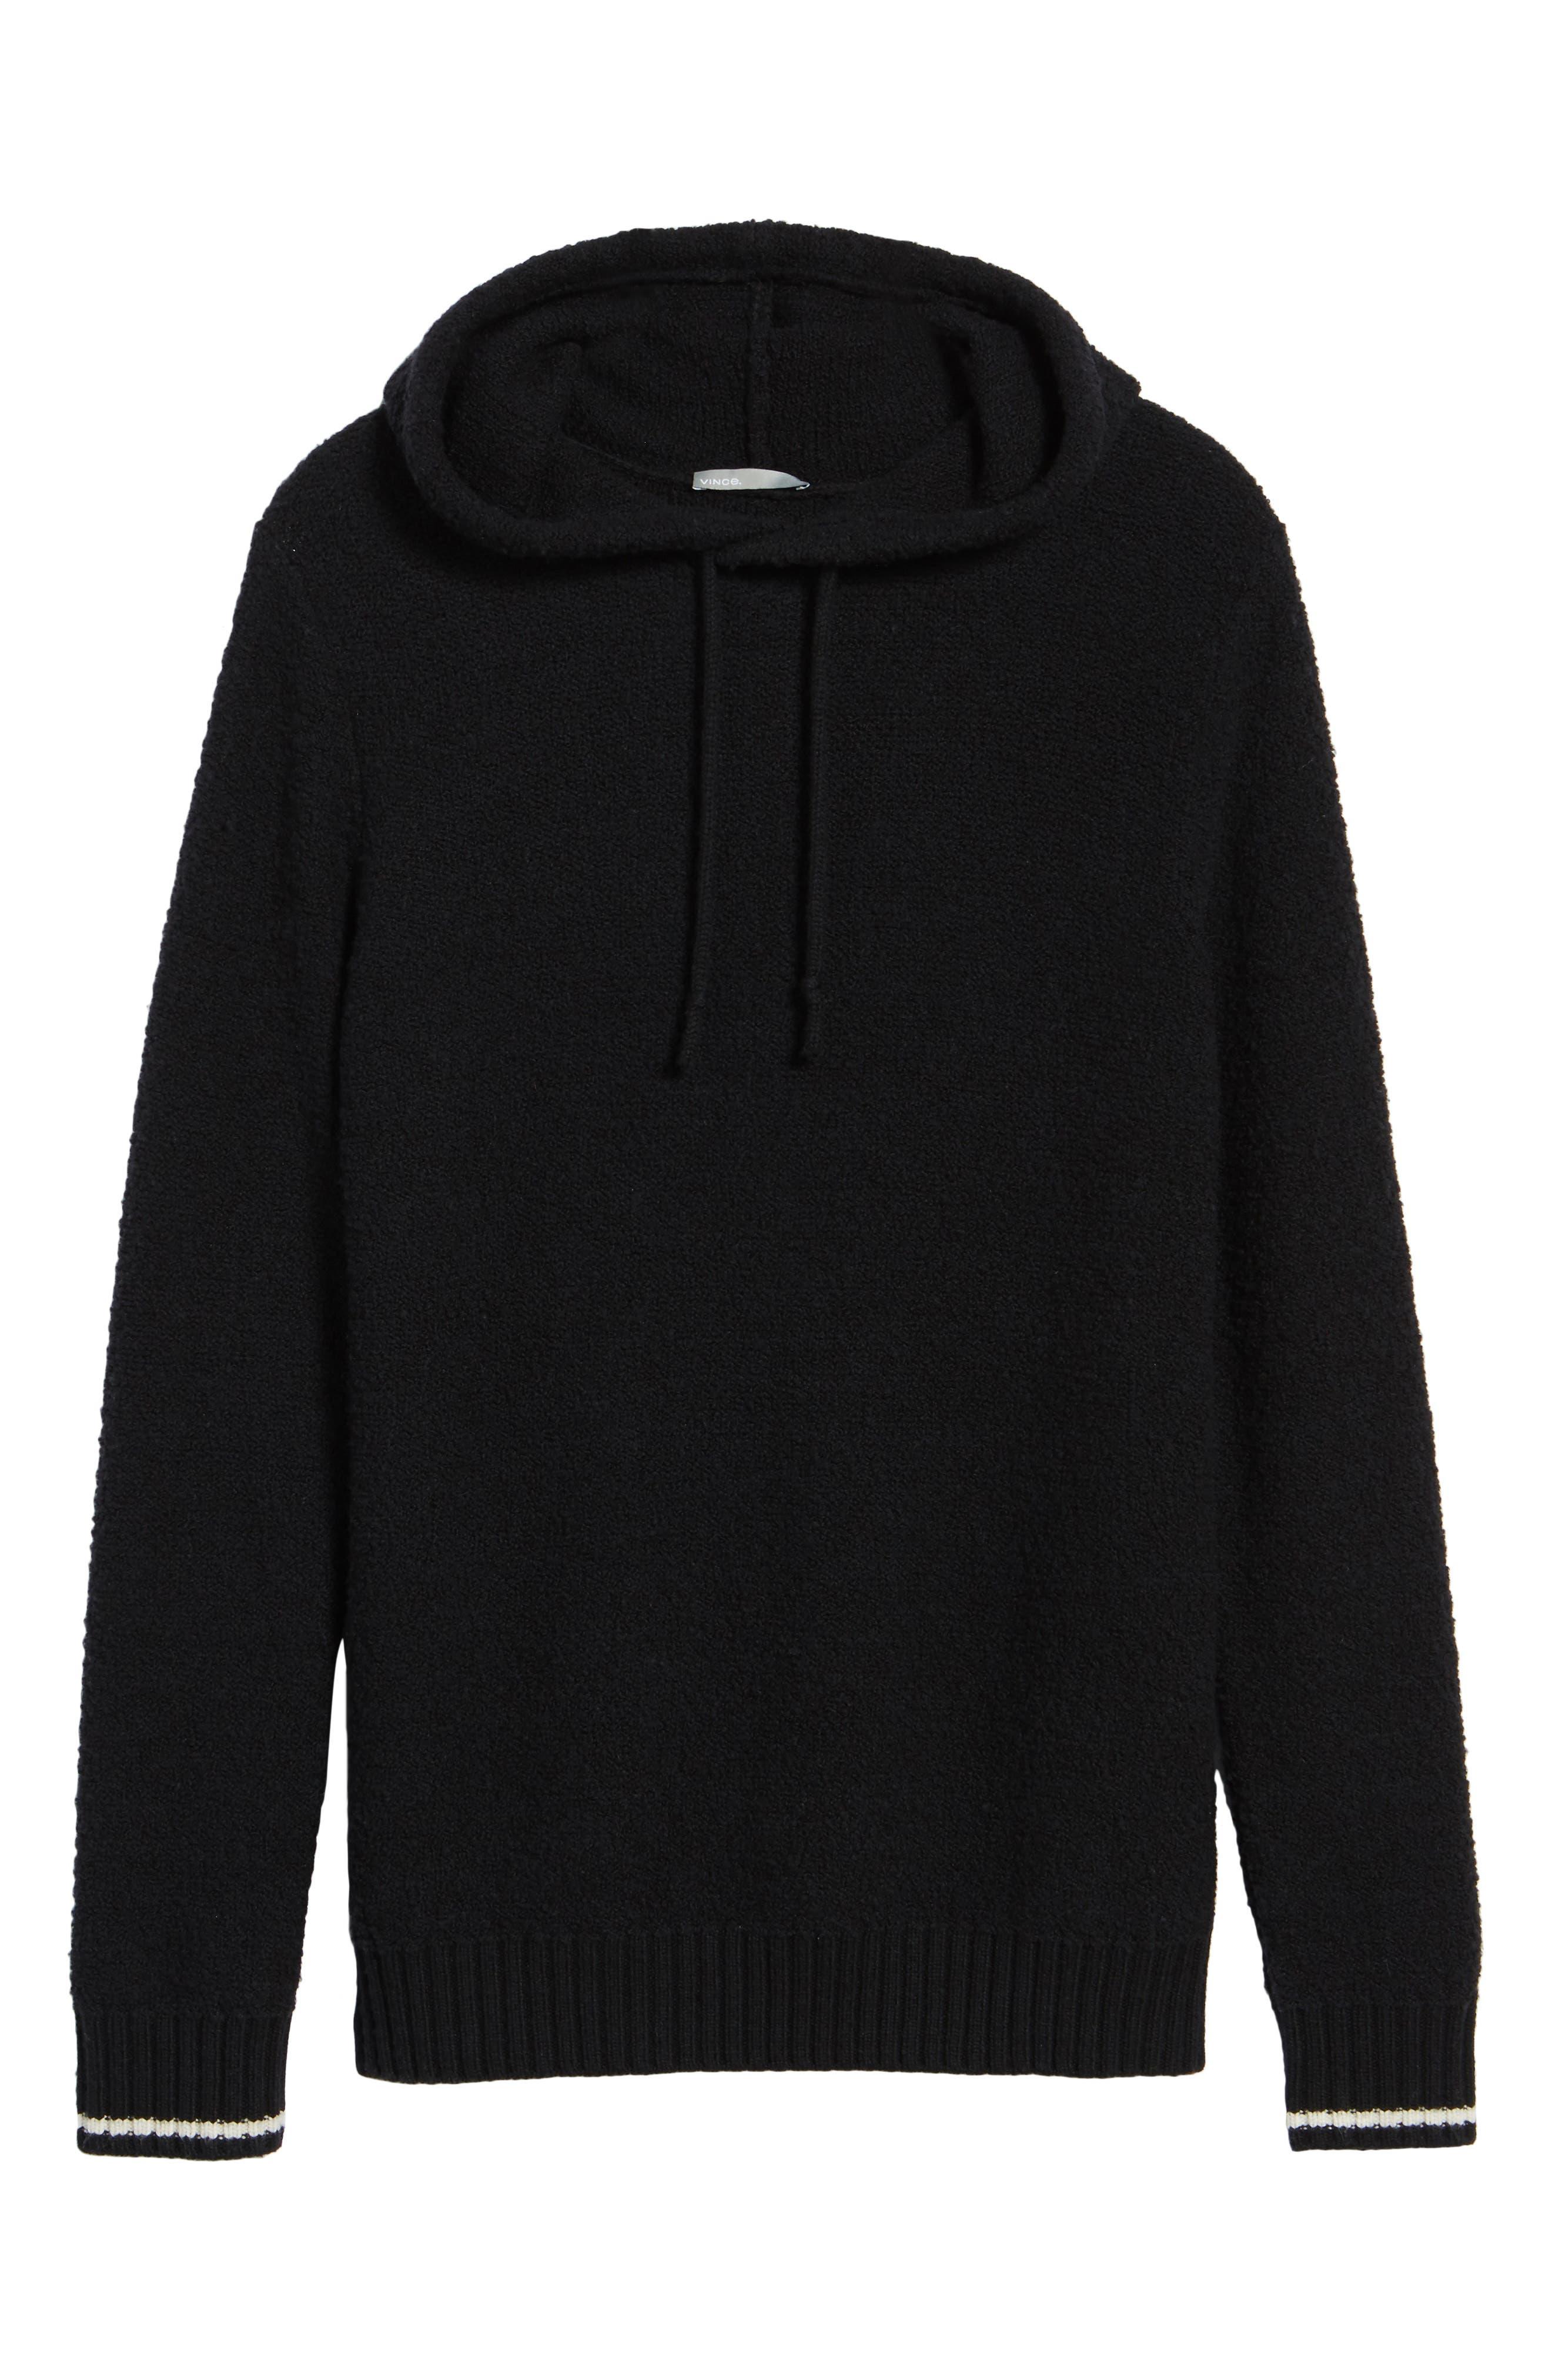 Wool Fleece Pullover Hoodie,                             Alternate thumbnail 6, color,                             Black